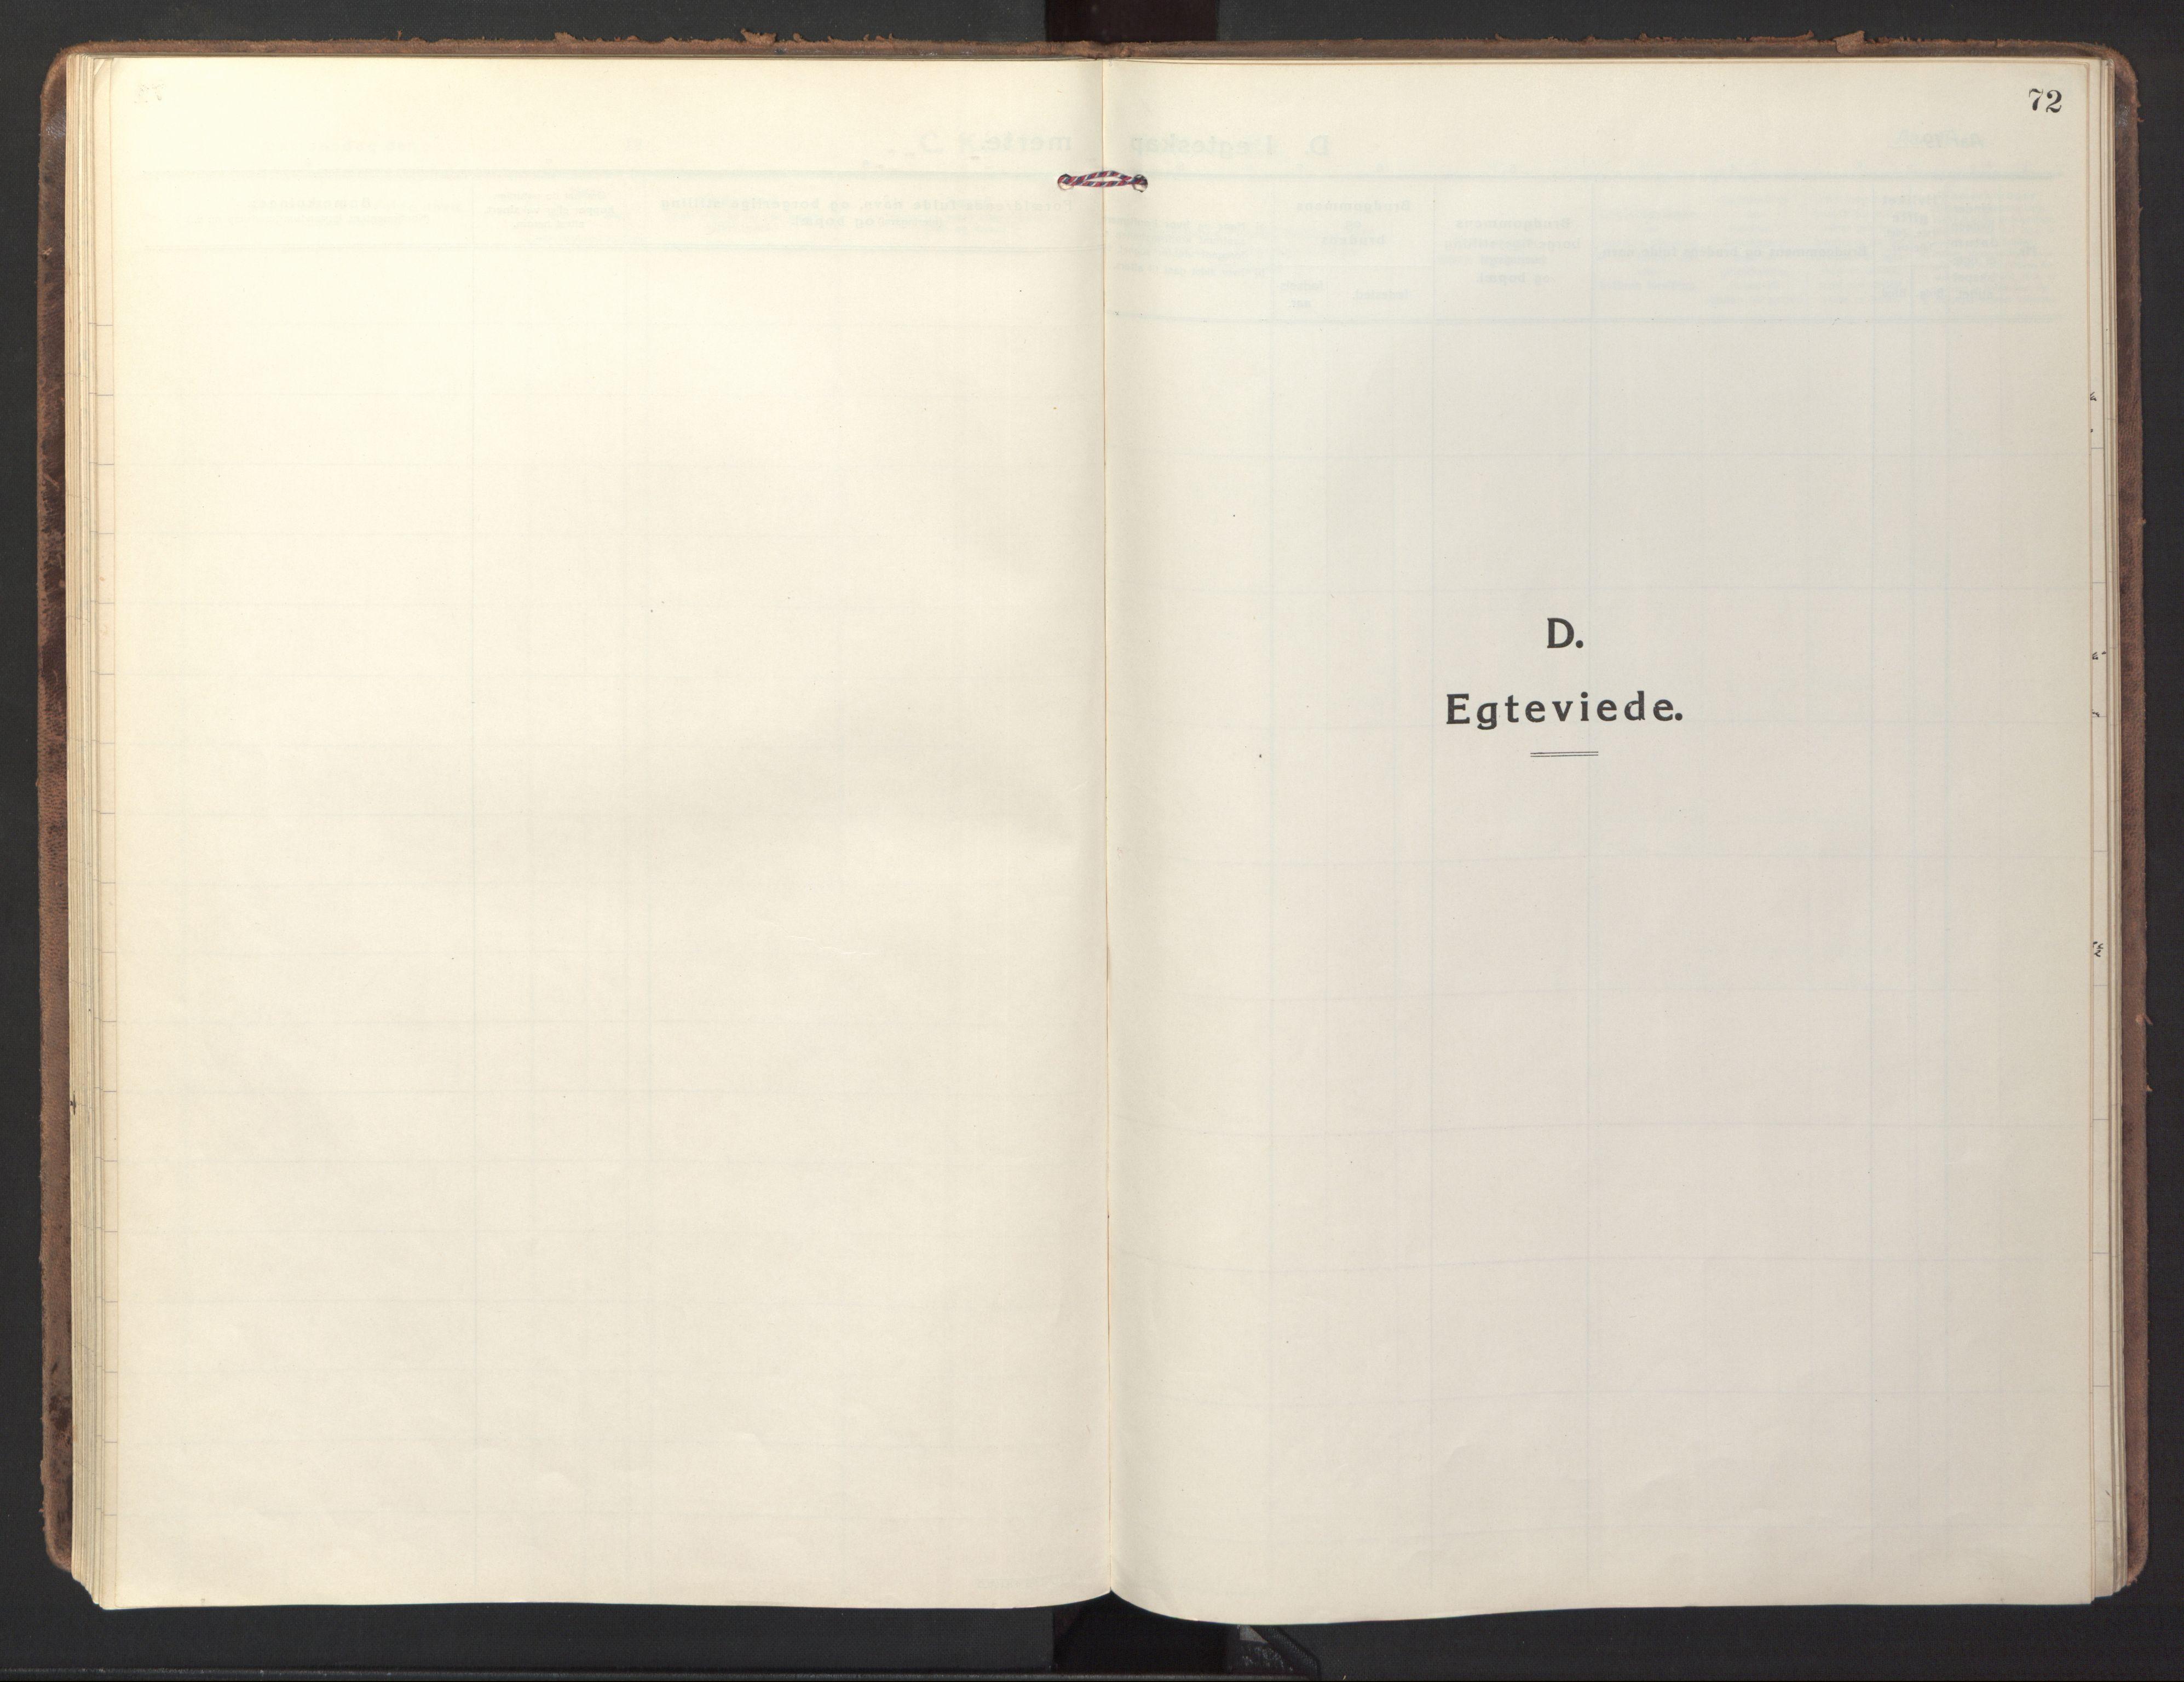 SAT, Ministerialprotokoller, klokkerbøker og fødselsregistre - Sør-Trøndelag, 618/L0449: Ministerialbok nr. 618A12, 1917-1924, s. 72